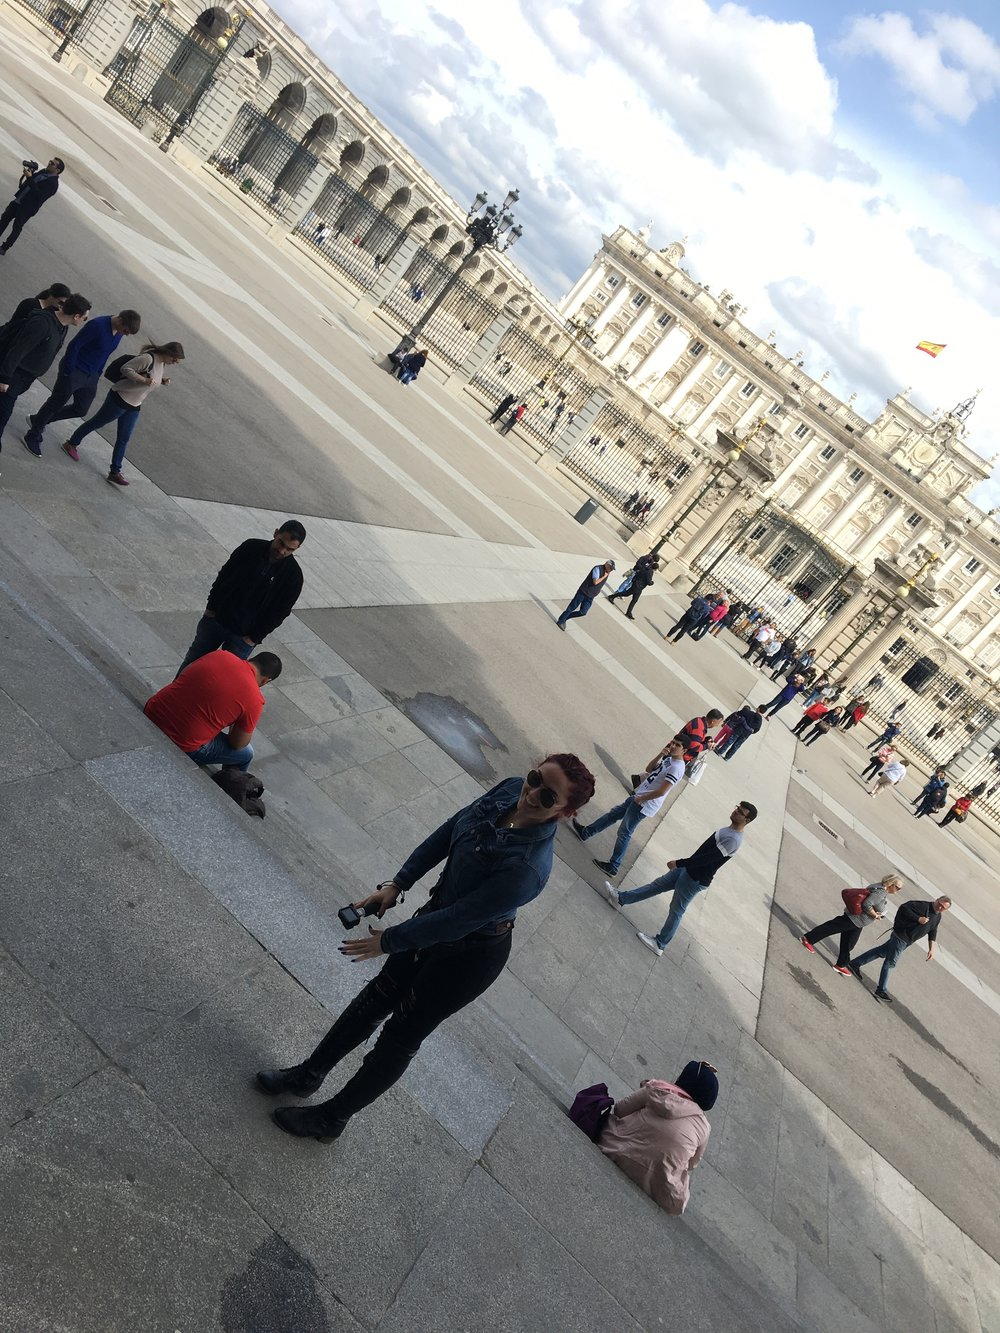 Royal Palace - Madrid Day Dos